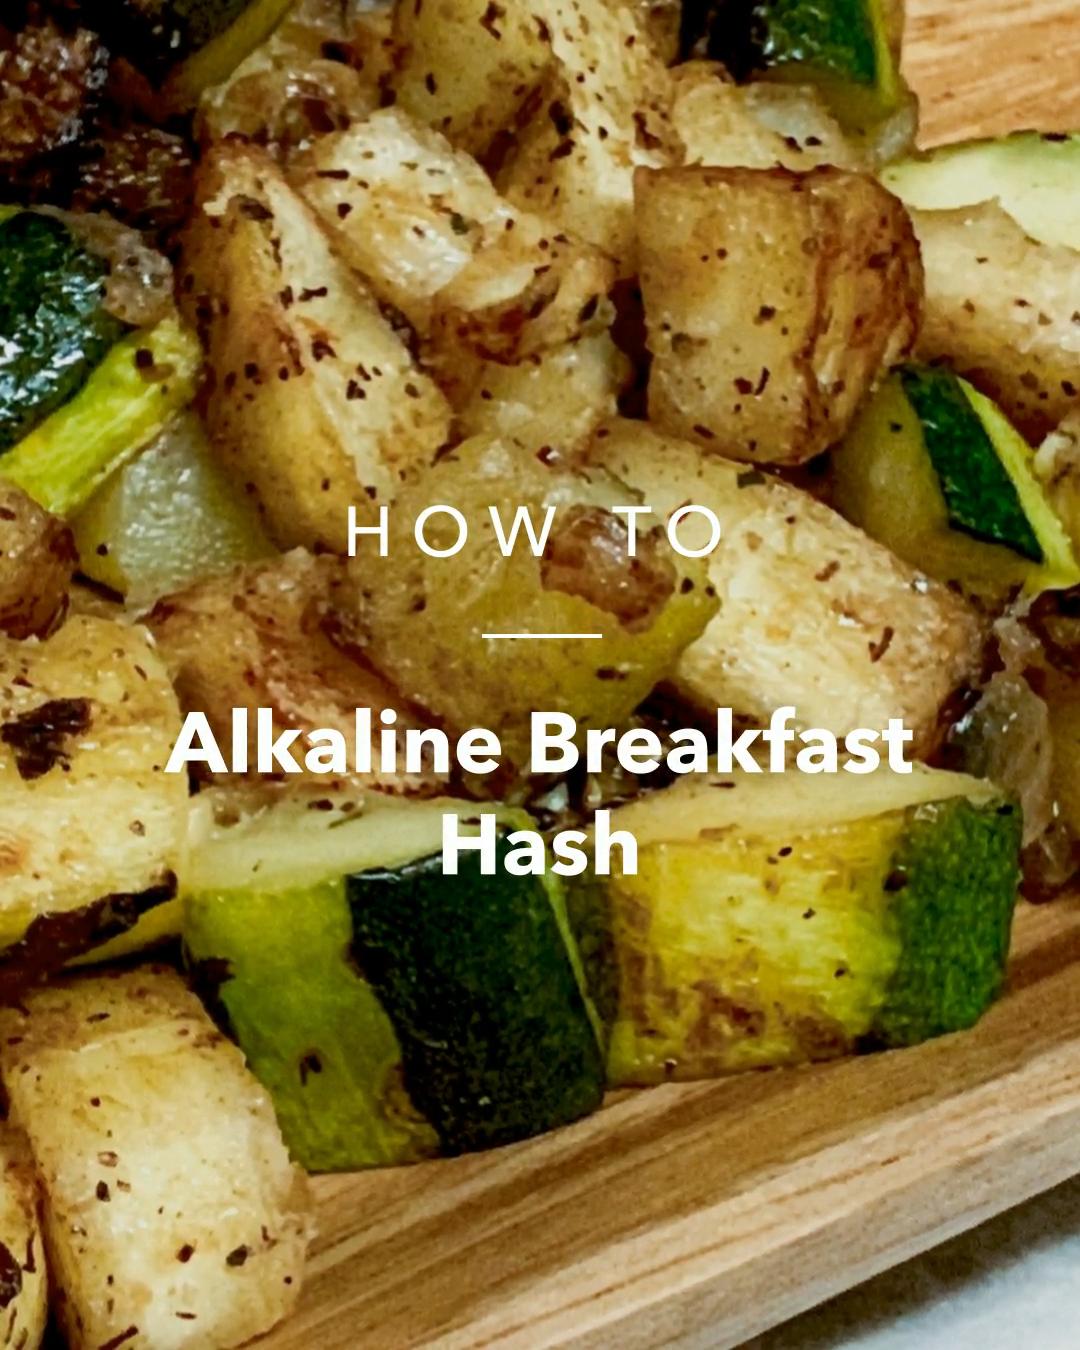 Alkaline Breakfast Hash